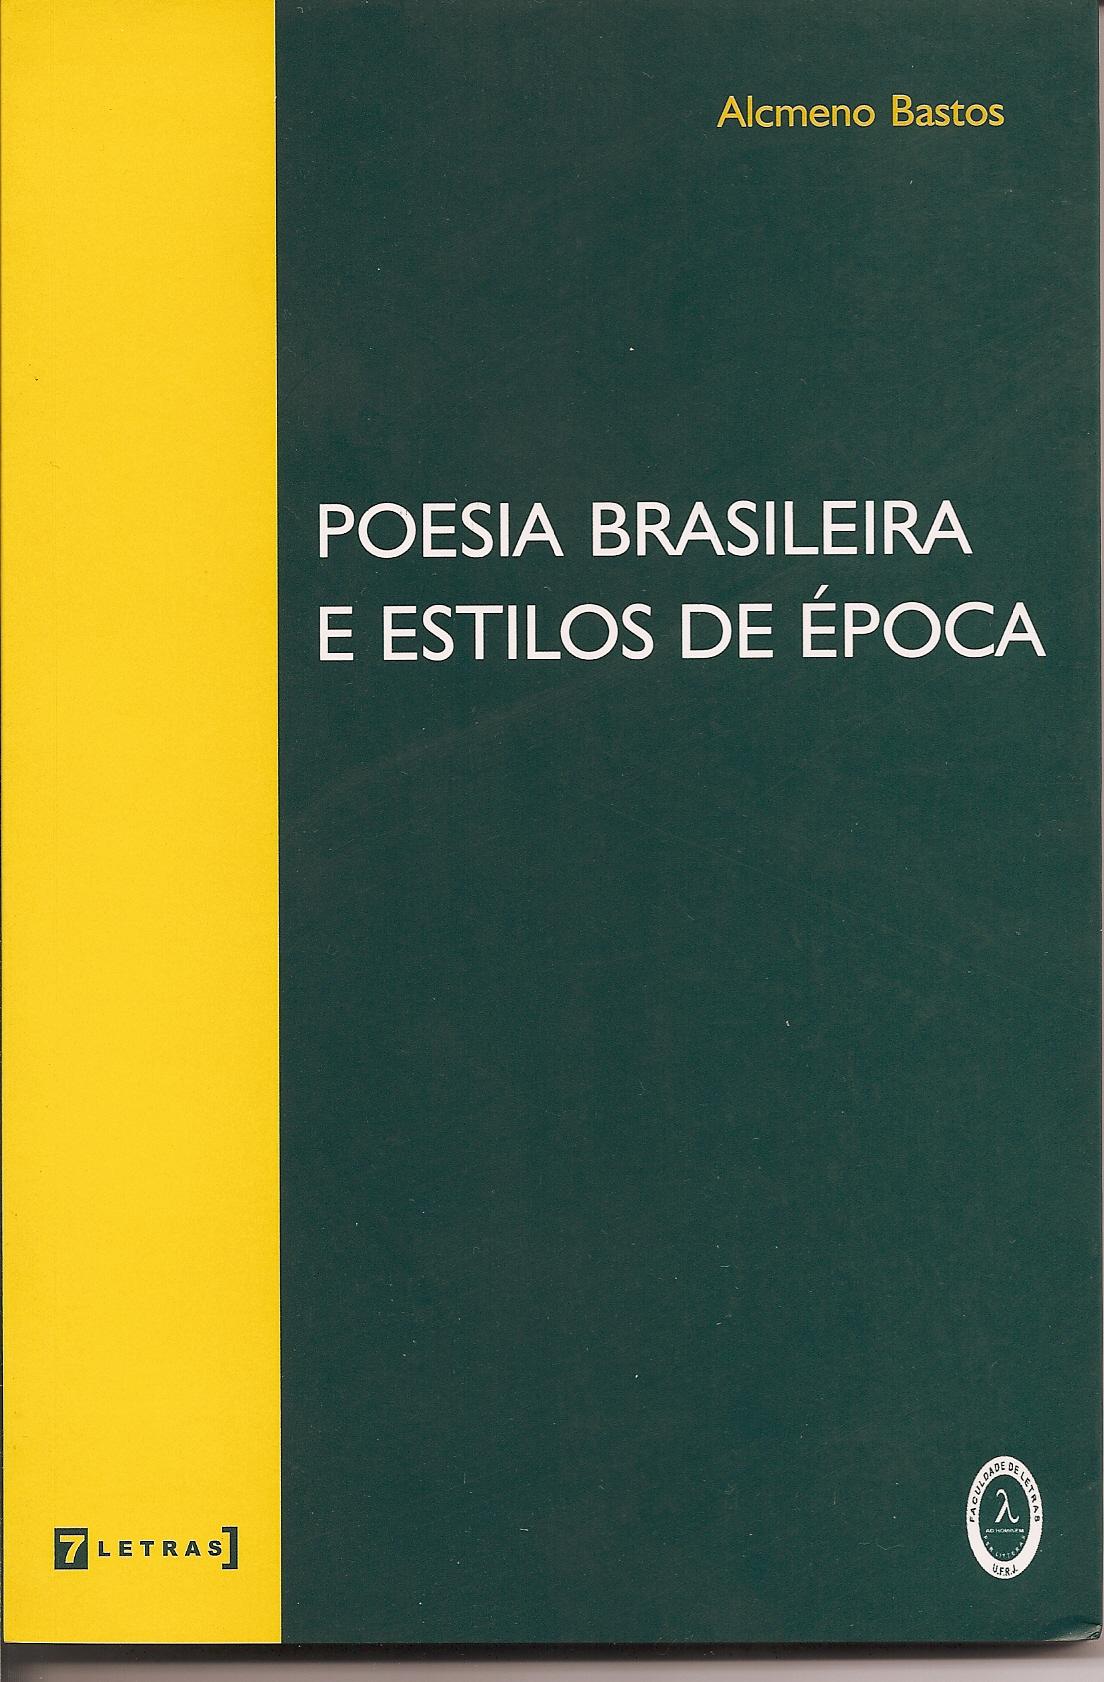 Poesia brasileira e estilos de época